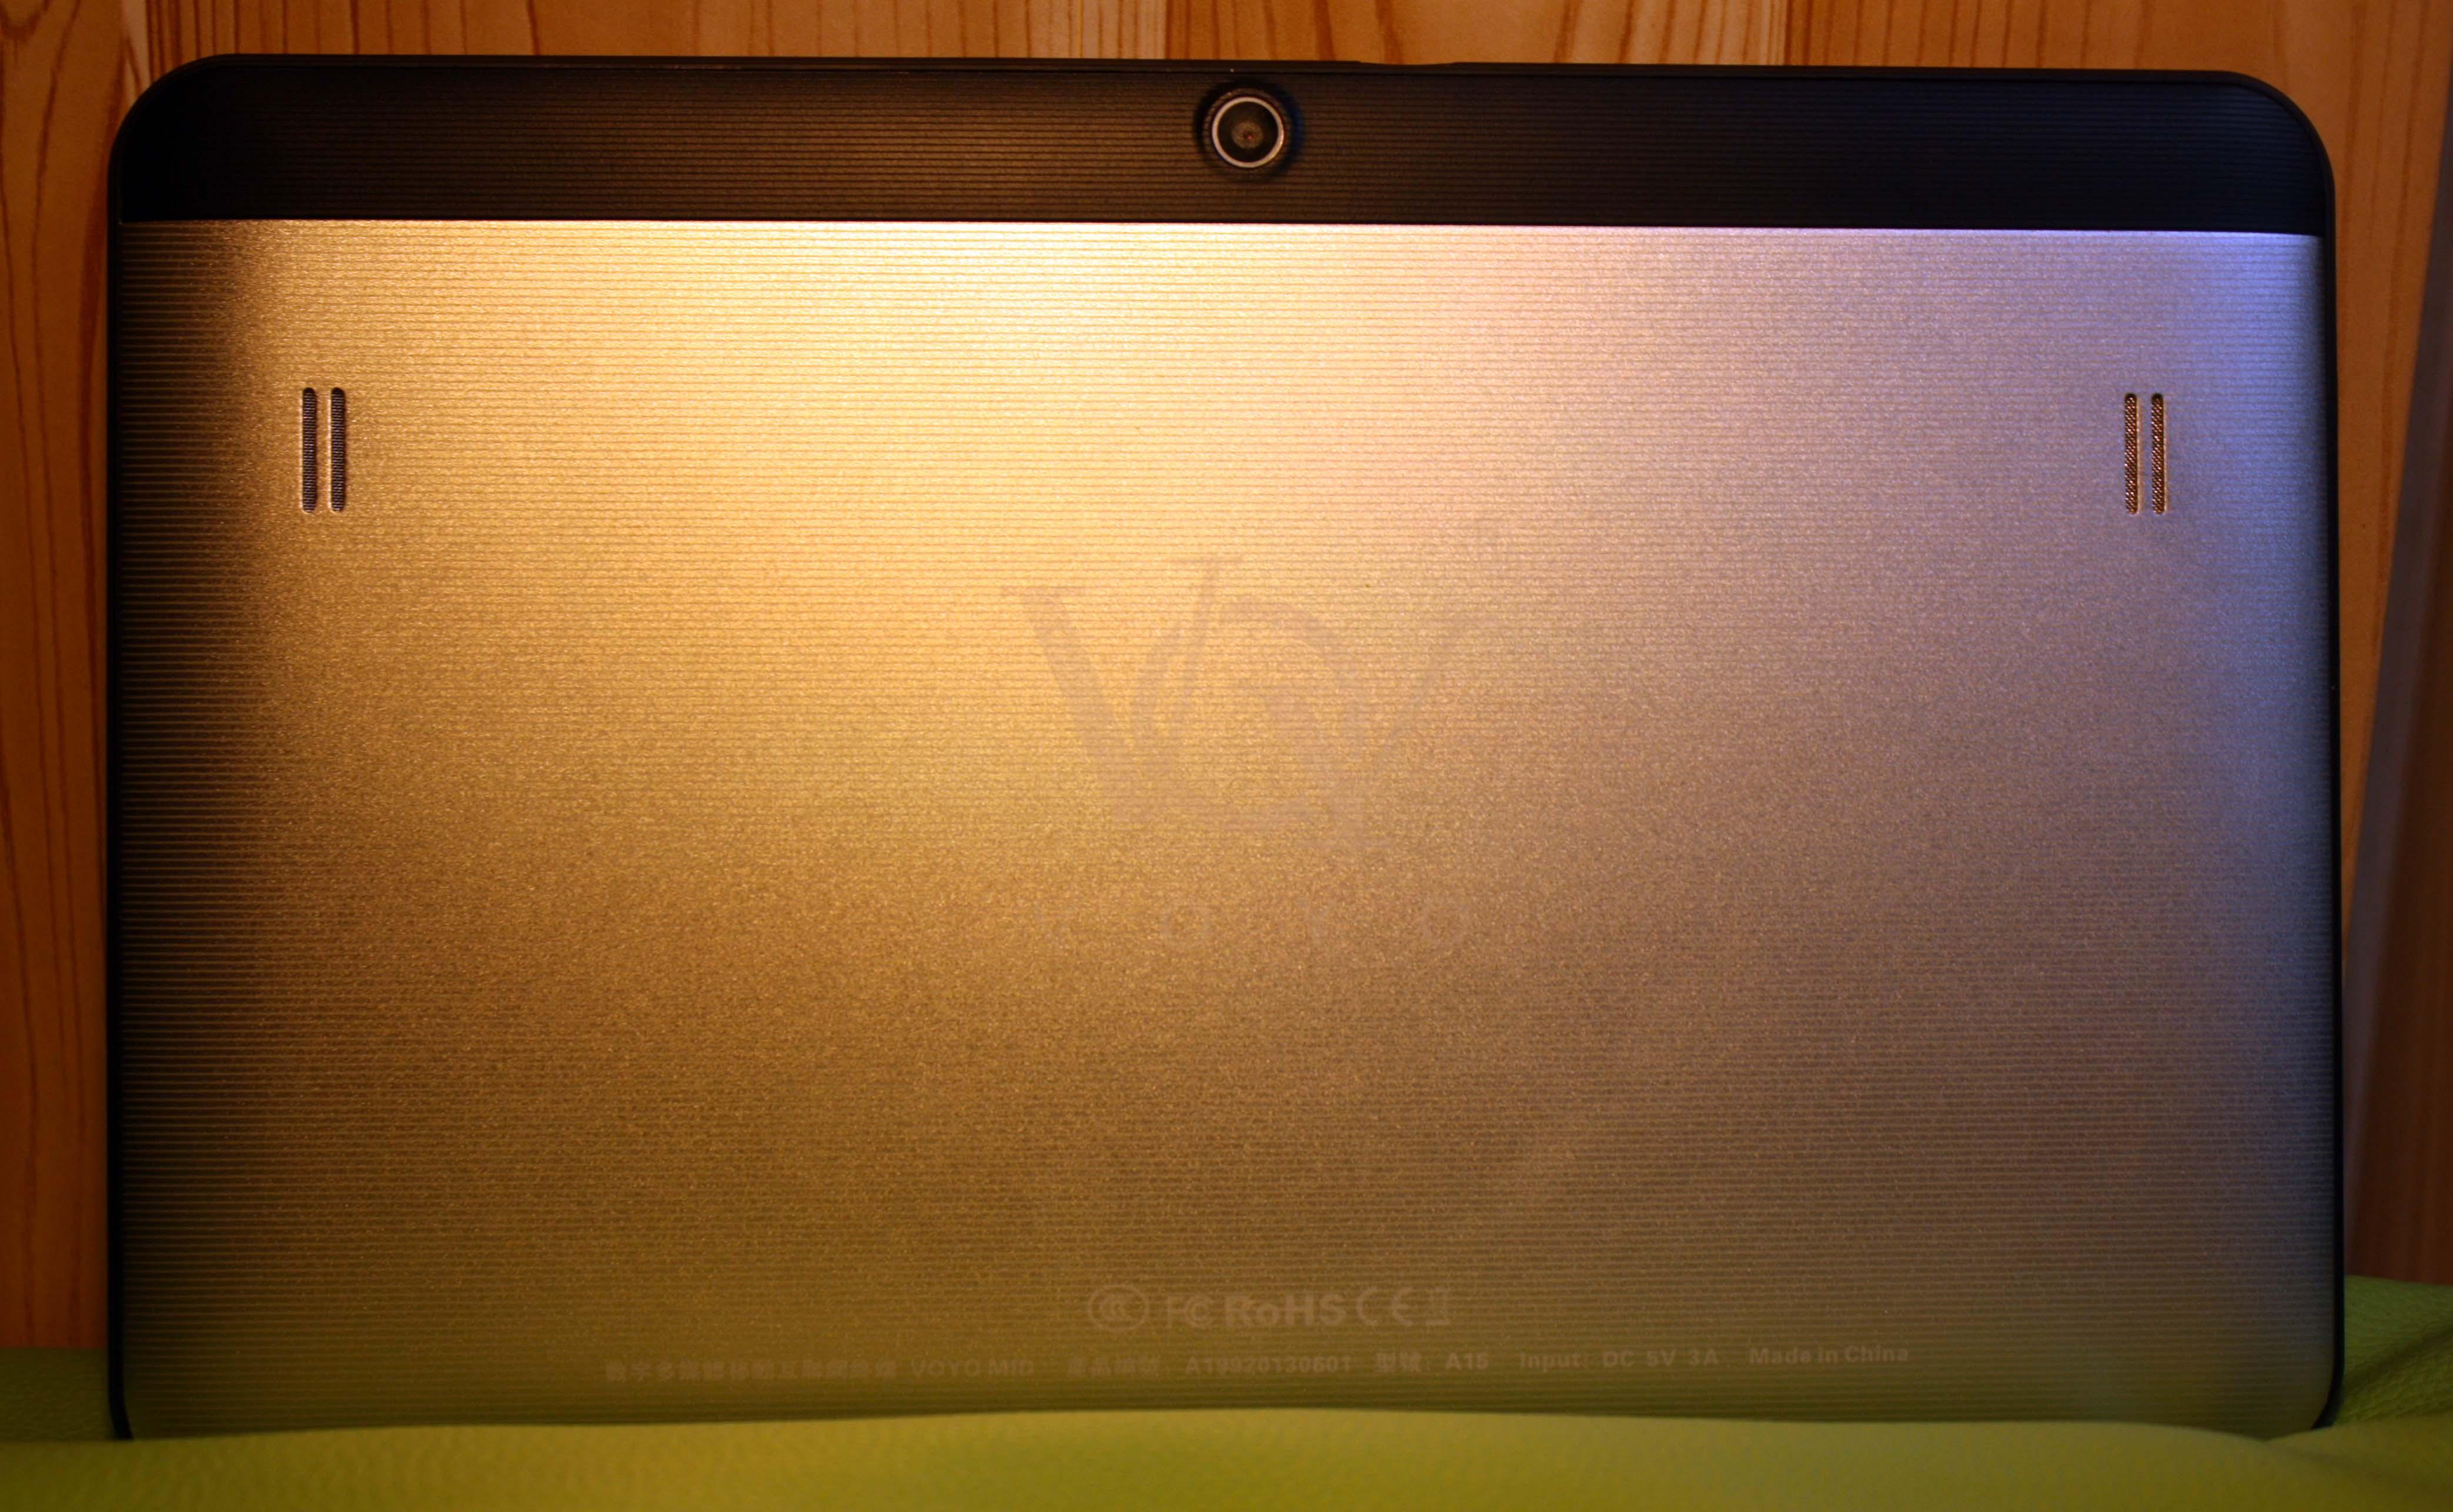 voyo a15 tablet